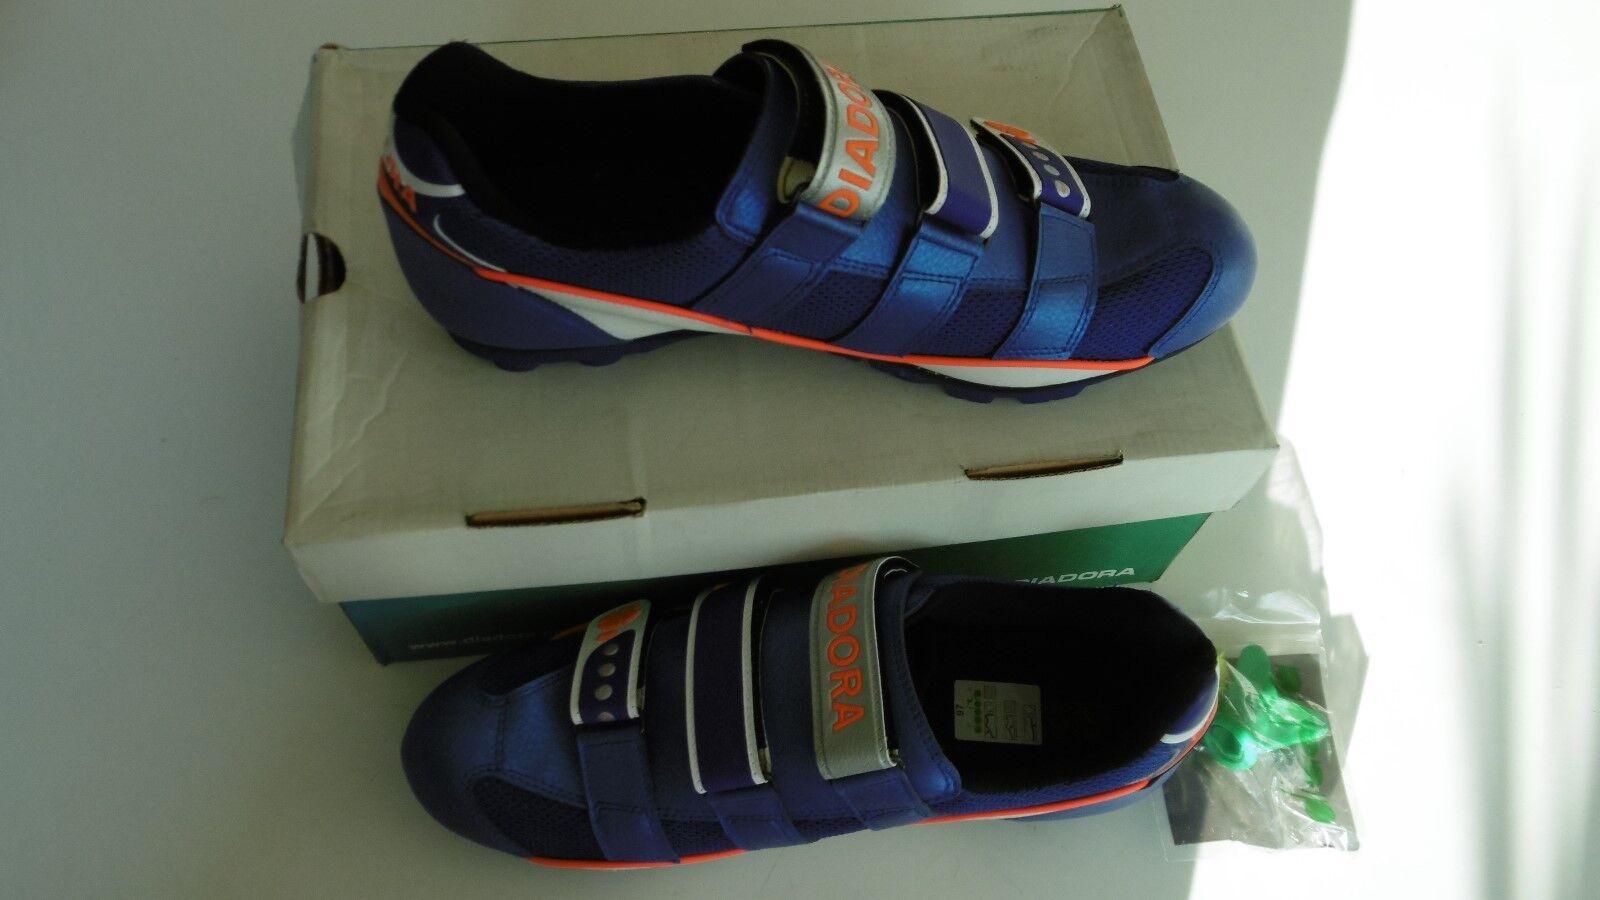 Diadora Yolo bluee shoes Size 47 New In Box